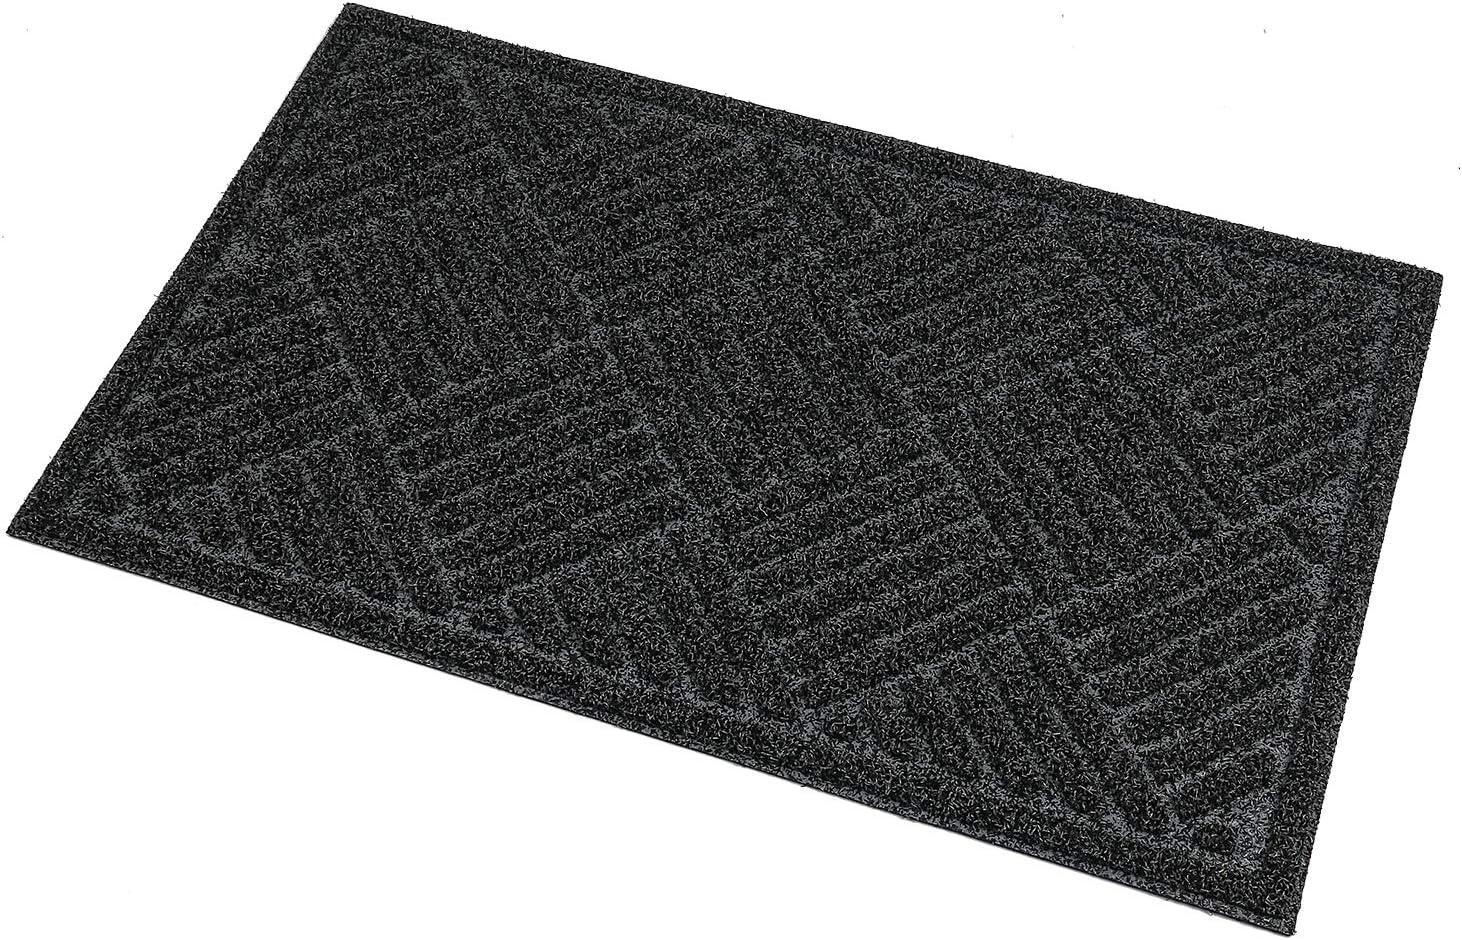 U'Artlines Doormat Artificial Turf Durable Anti-Slip Rubber Back Entrance Door Mat Shoe Mud Scraper Outdoor(Dark Grey Diamond) Dark Grey